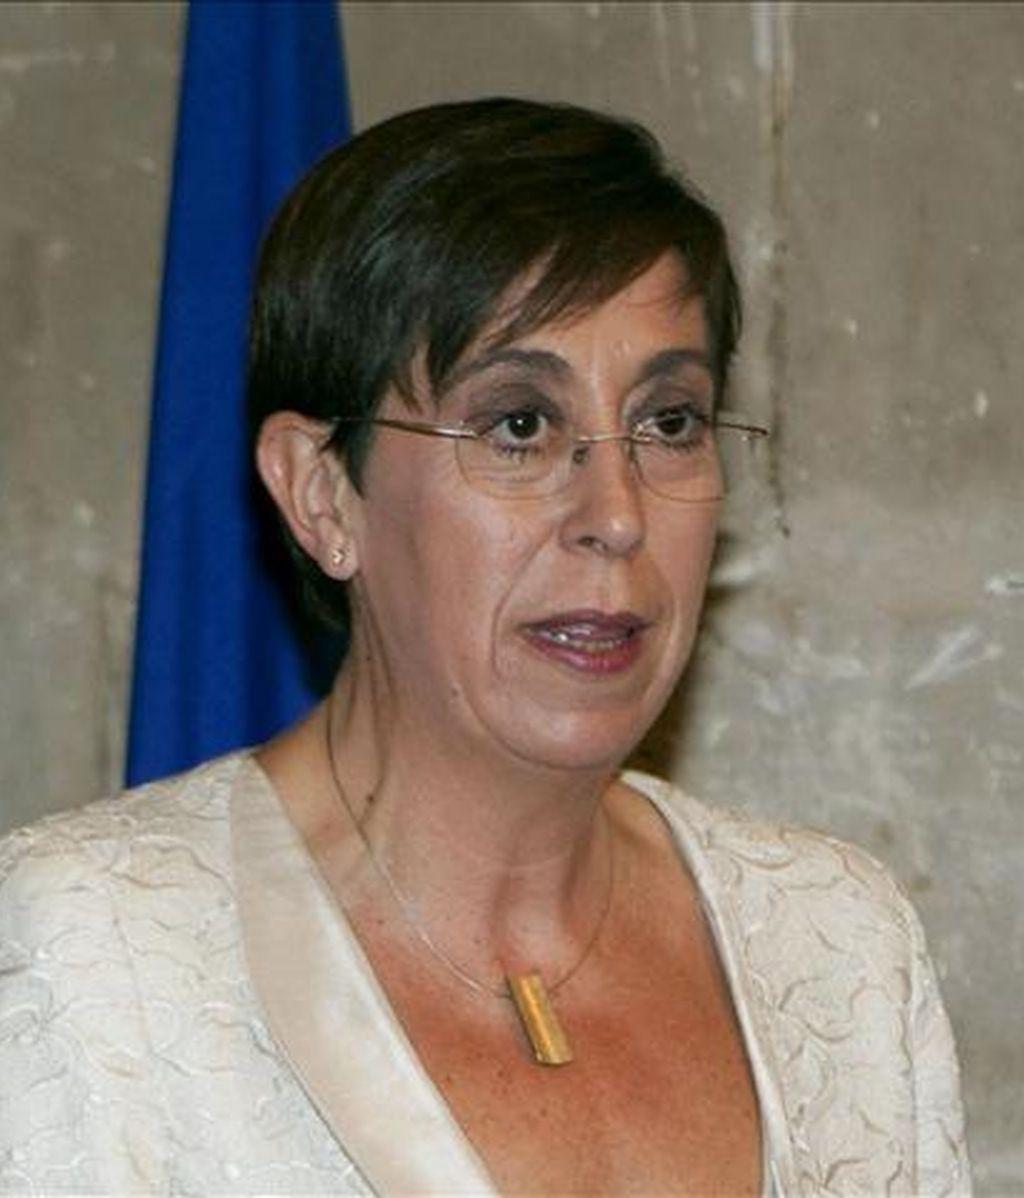 La consellera de Turismo y Trabajo, Joana Barceló. EFE/Archivo